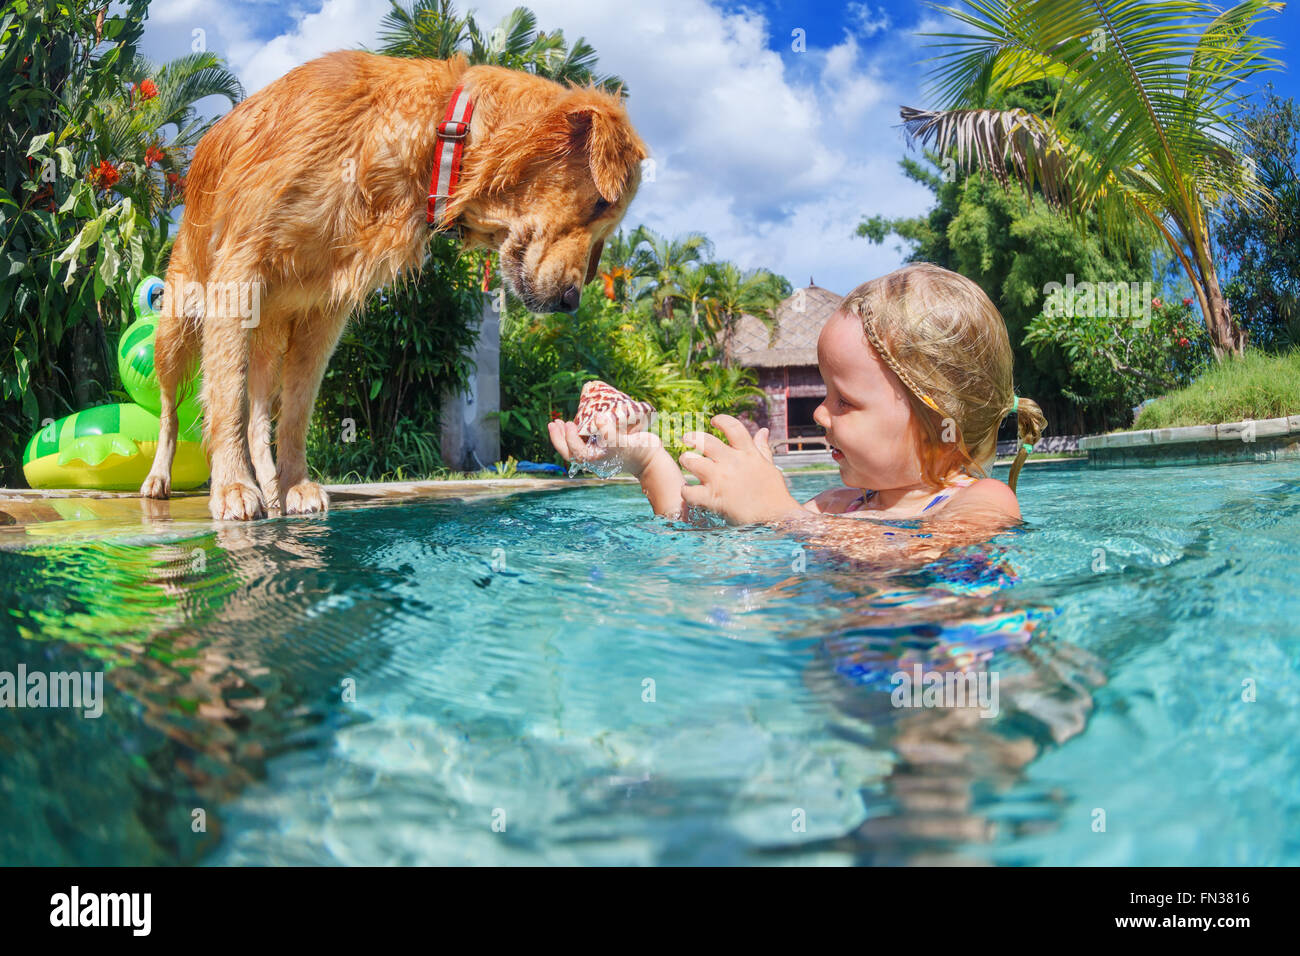 Petit enfant jouer avec plaisir et le train golden labrador retriever chiot de la piscine - plongée sous l'eau Photo Stock